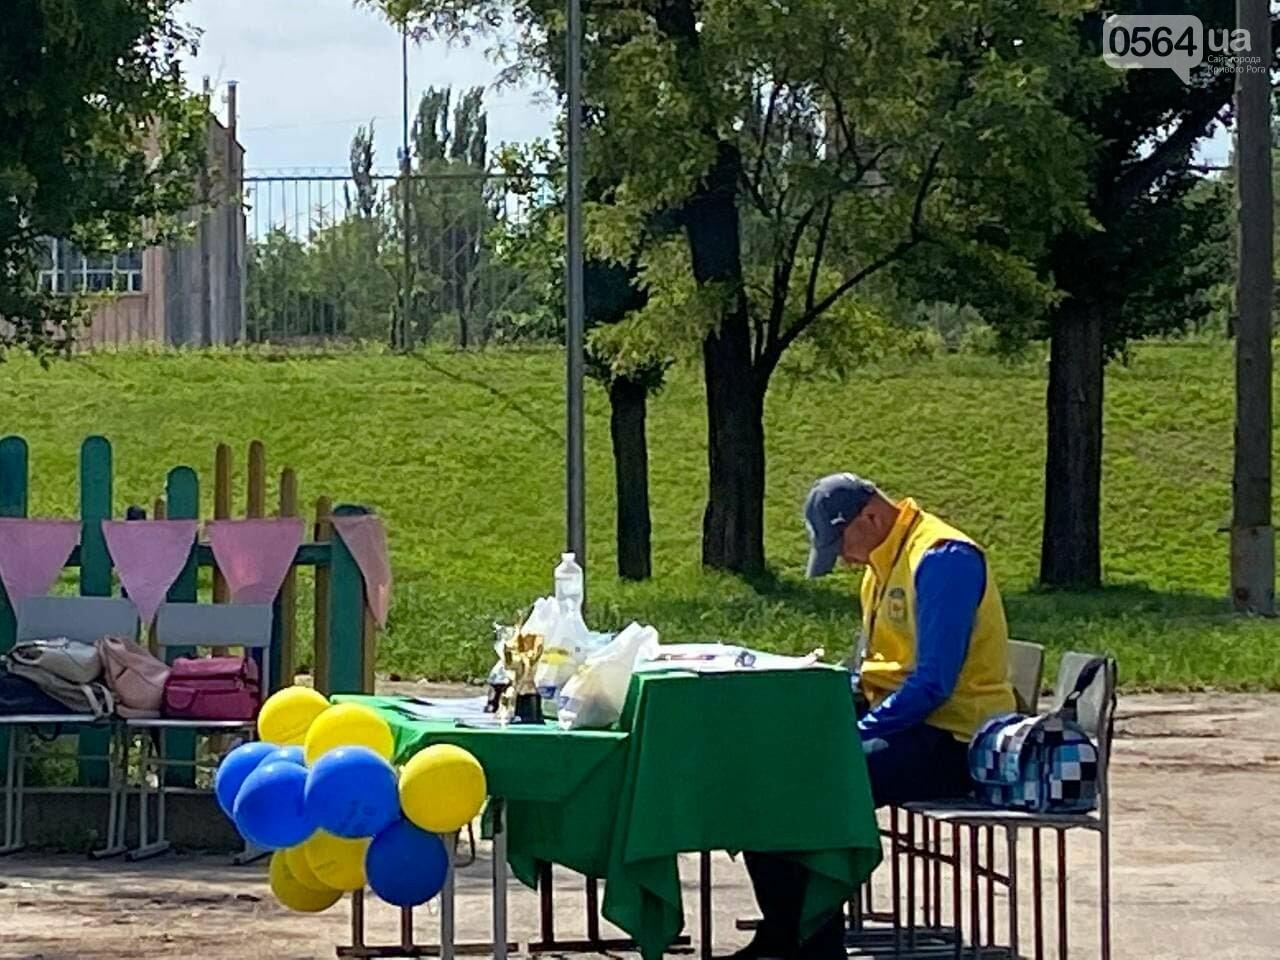 В Кривом Роге для детей провели спартакиаду, - ФОТО, ВИДЕО  , фото-16